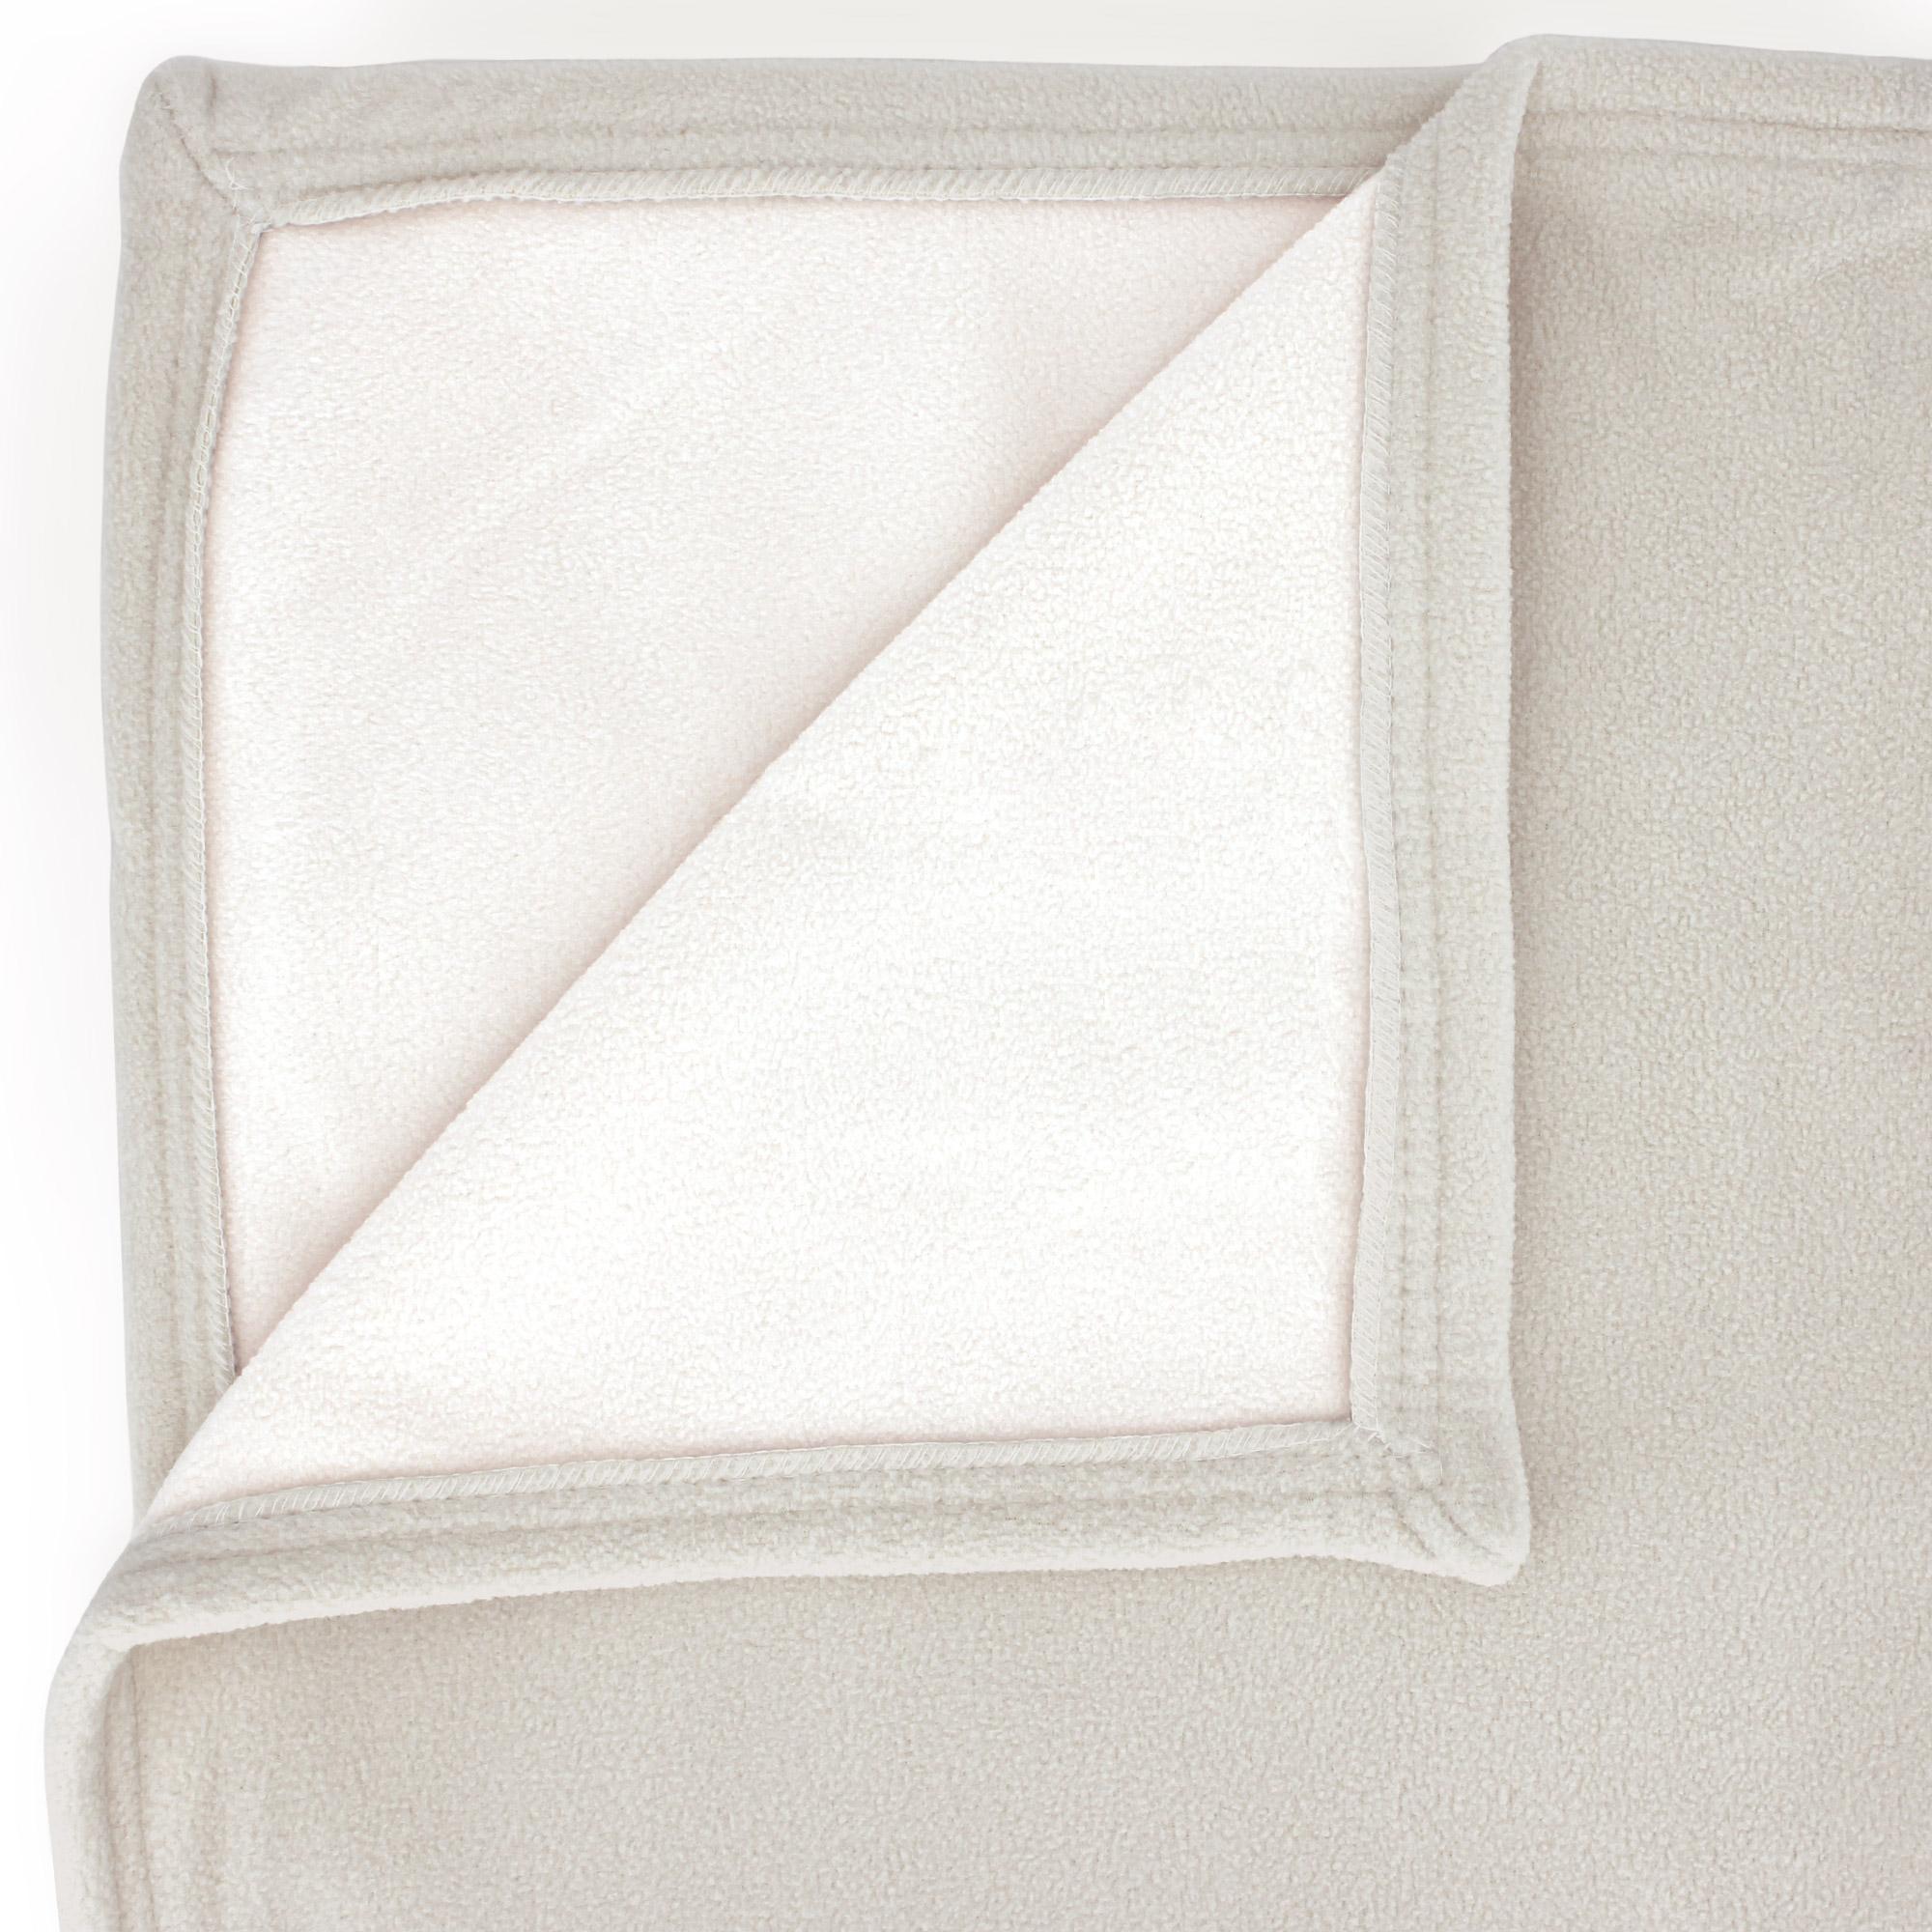 couverture polaire 240x260 cm narvik galet naturel linnea linge de maison et. Black Bedroom Furniture Sets. Home Design Ideas